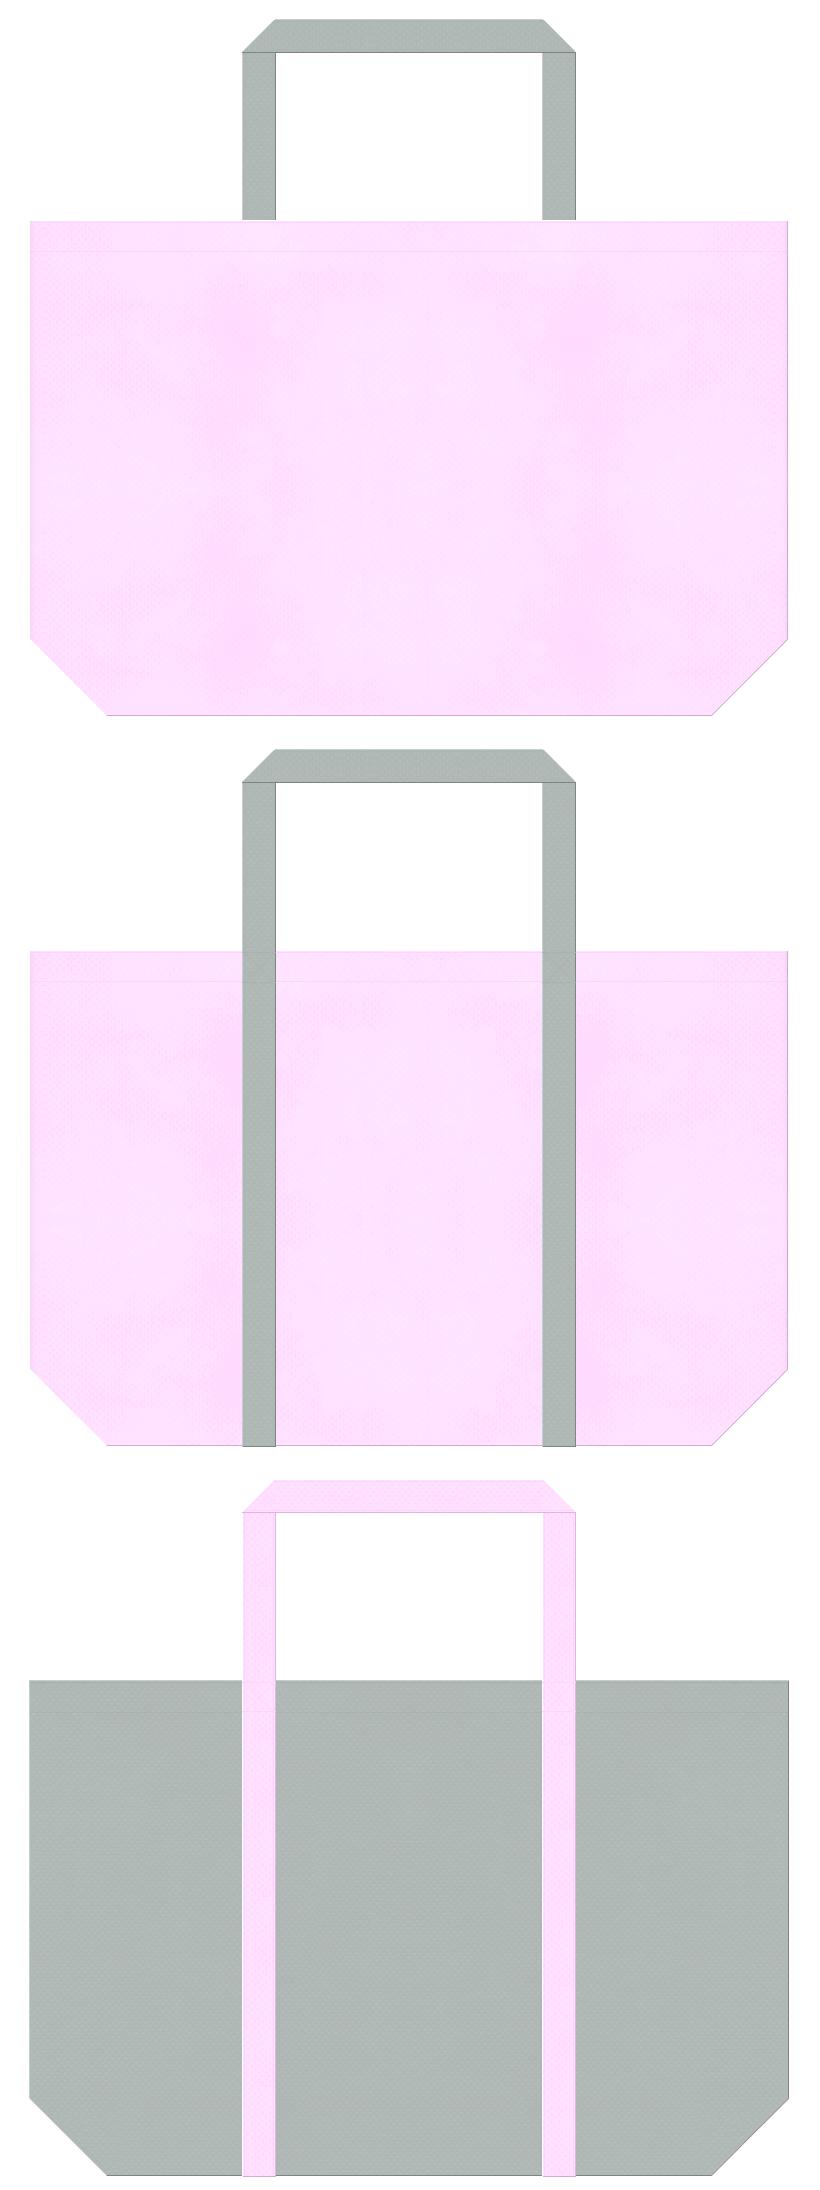 girlyなバッグノベルティにお奨めのコーデ。明るいピンク色とグレー色の不織布バッグデザイン。